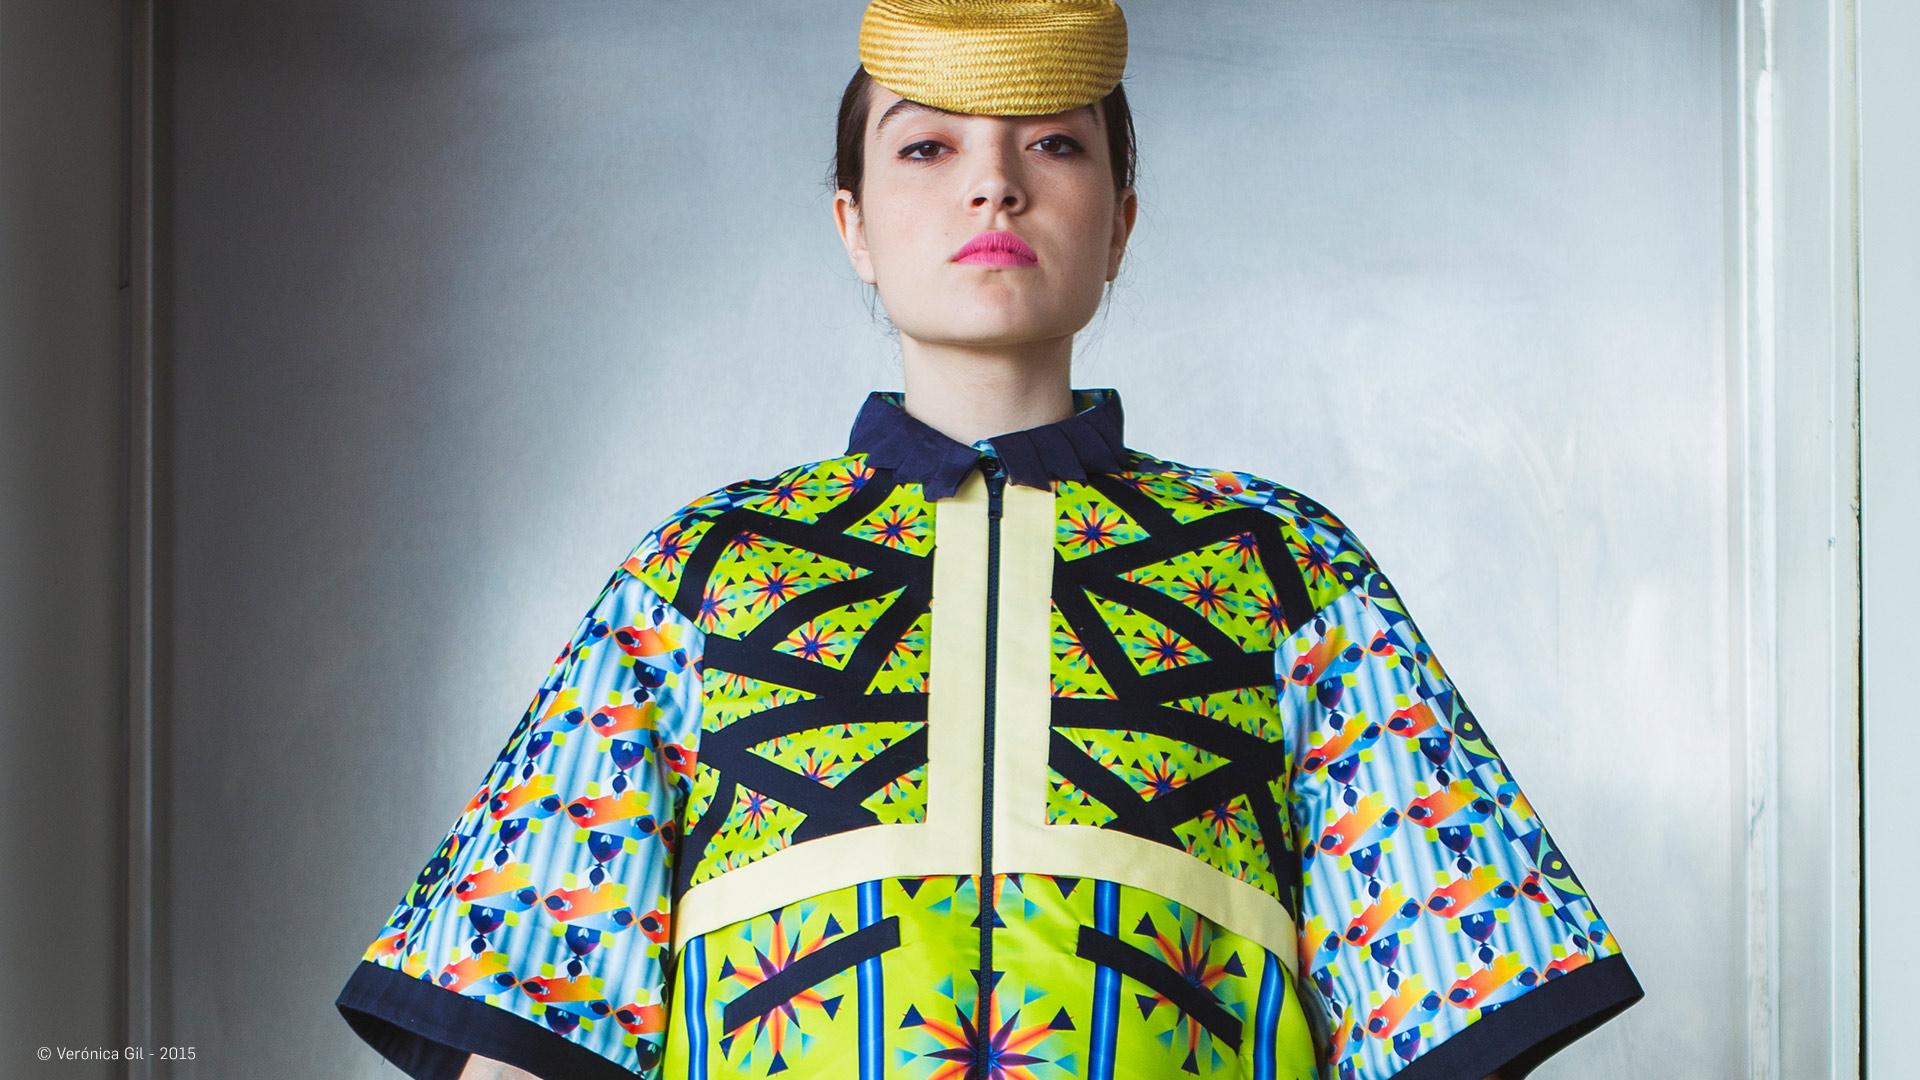 Estampaci n digital textil lci barcelona for Escuelas de moda en barcelona